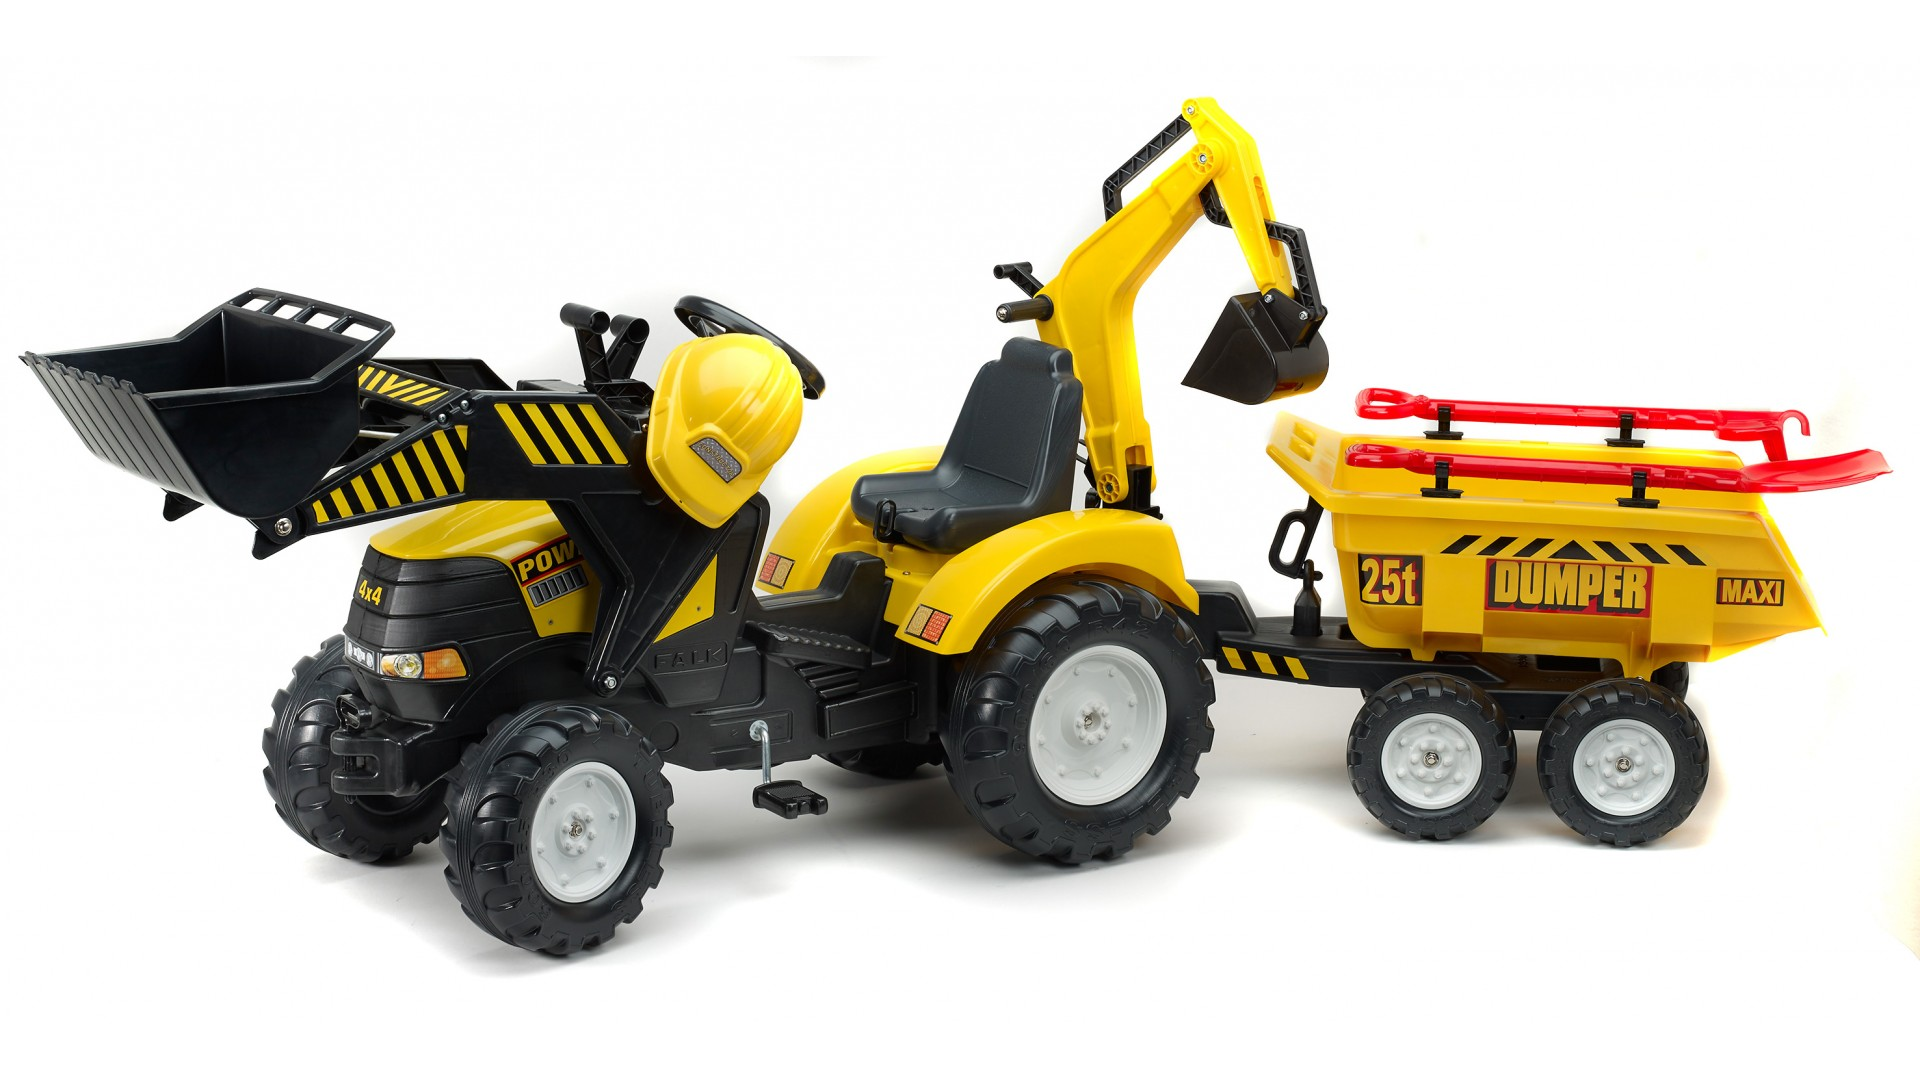 Купить Педальный трактор-экскаватор с прицепом, черно-желтый, 230 см, Falk